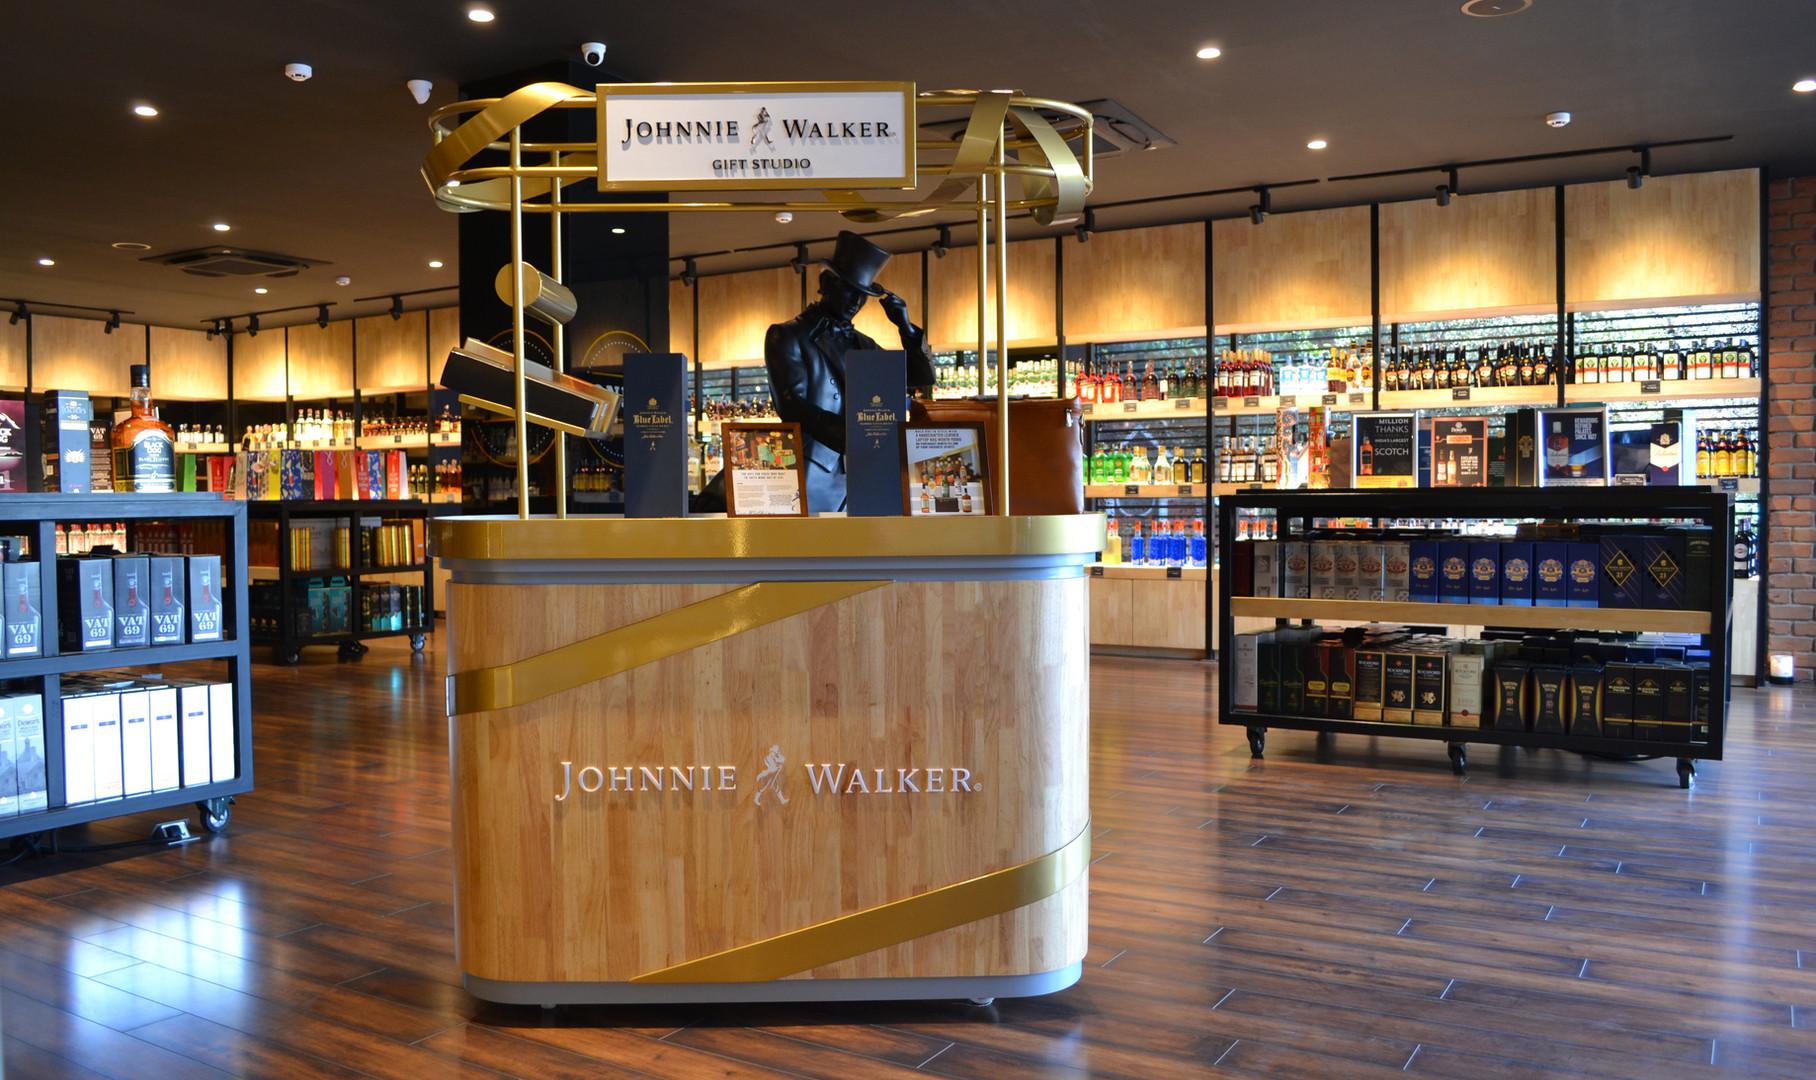 Johnnie Walker Gift Station